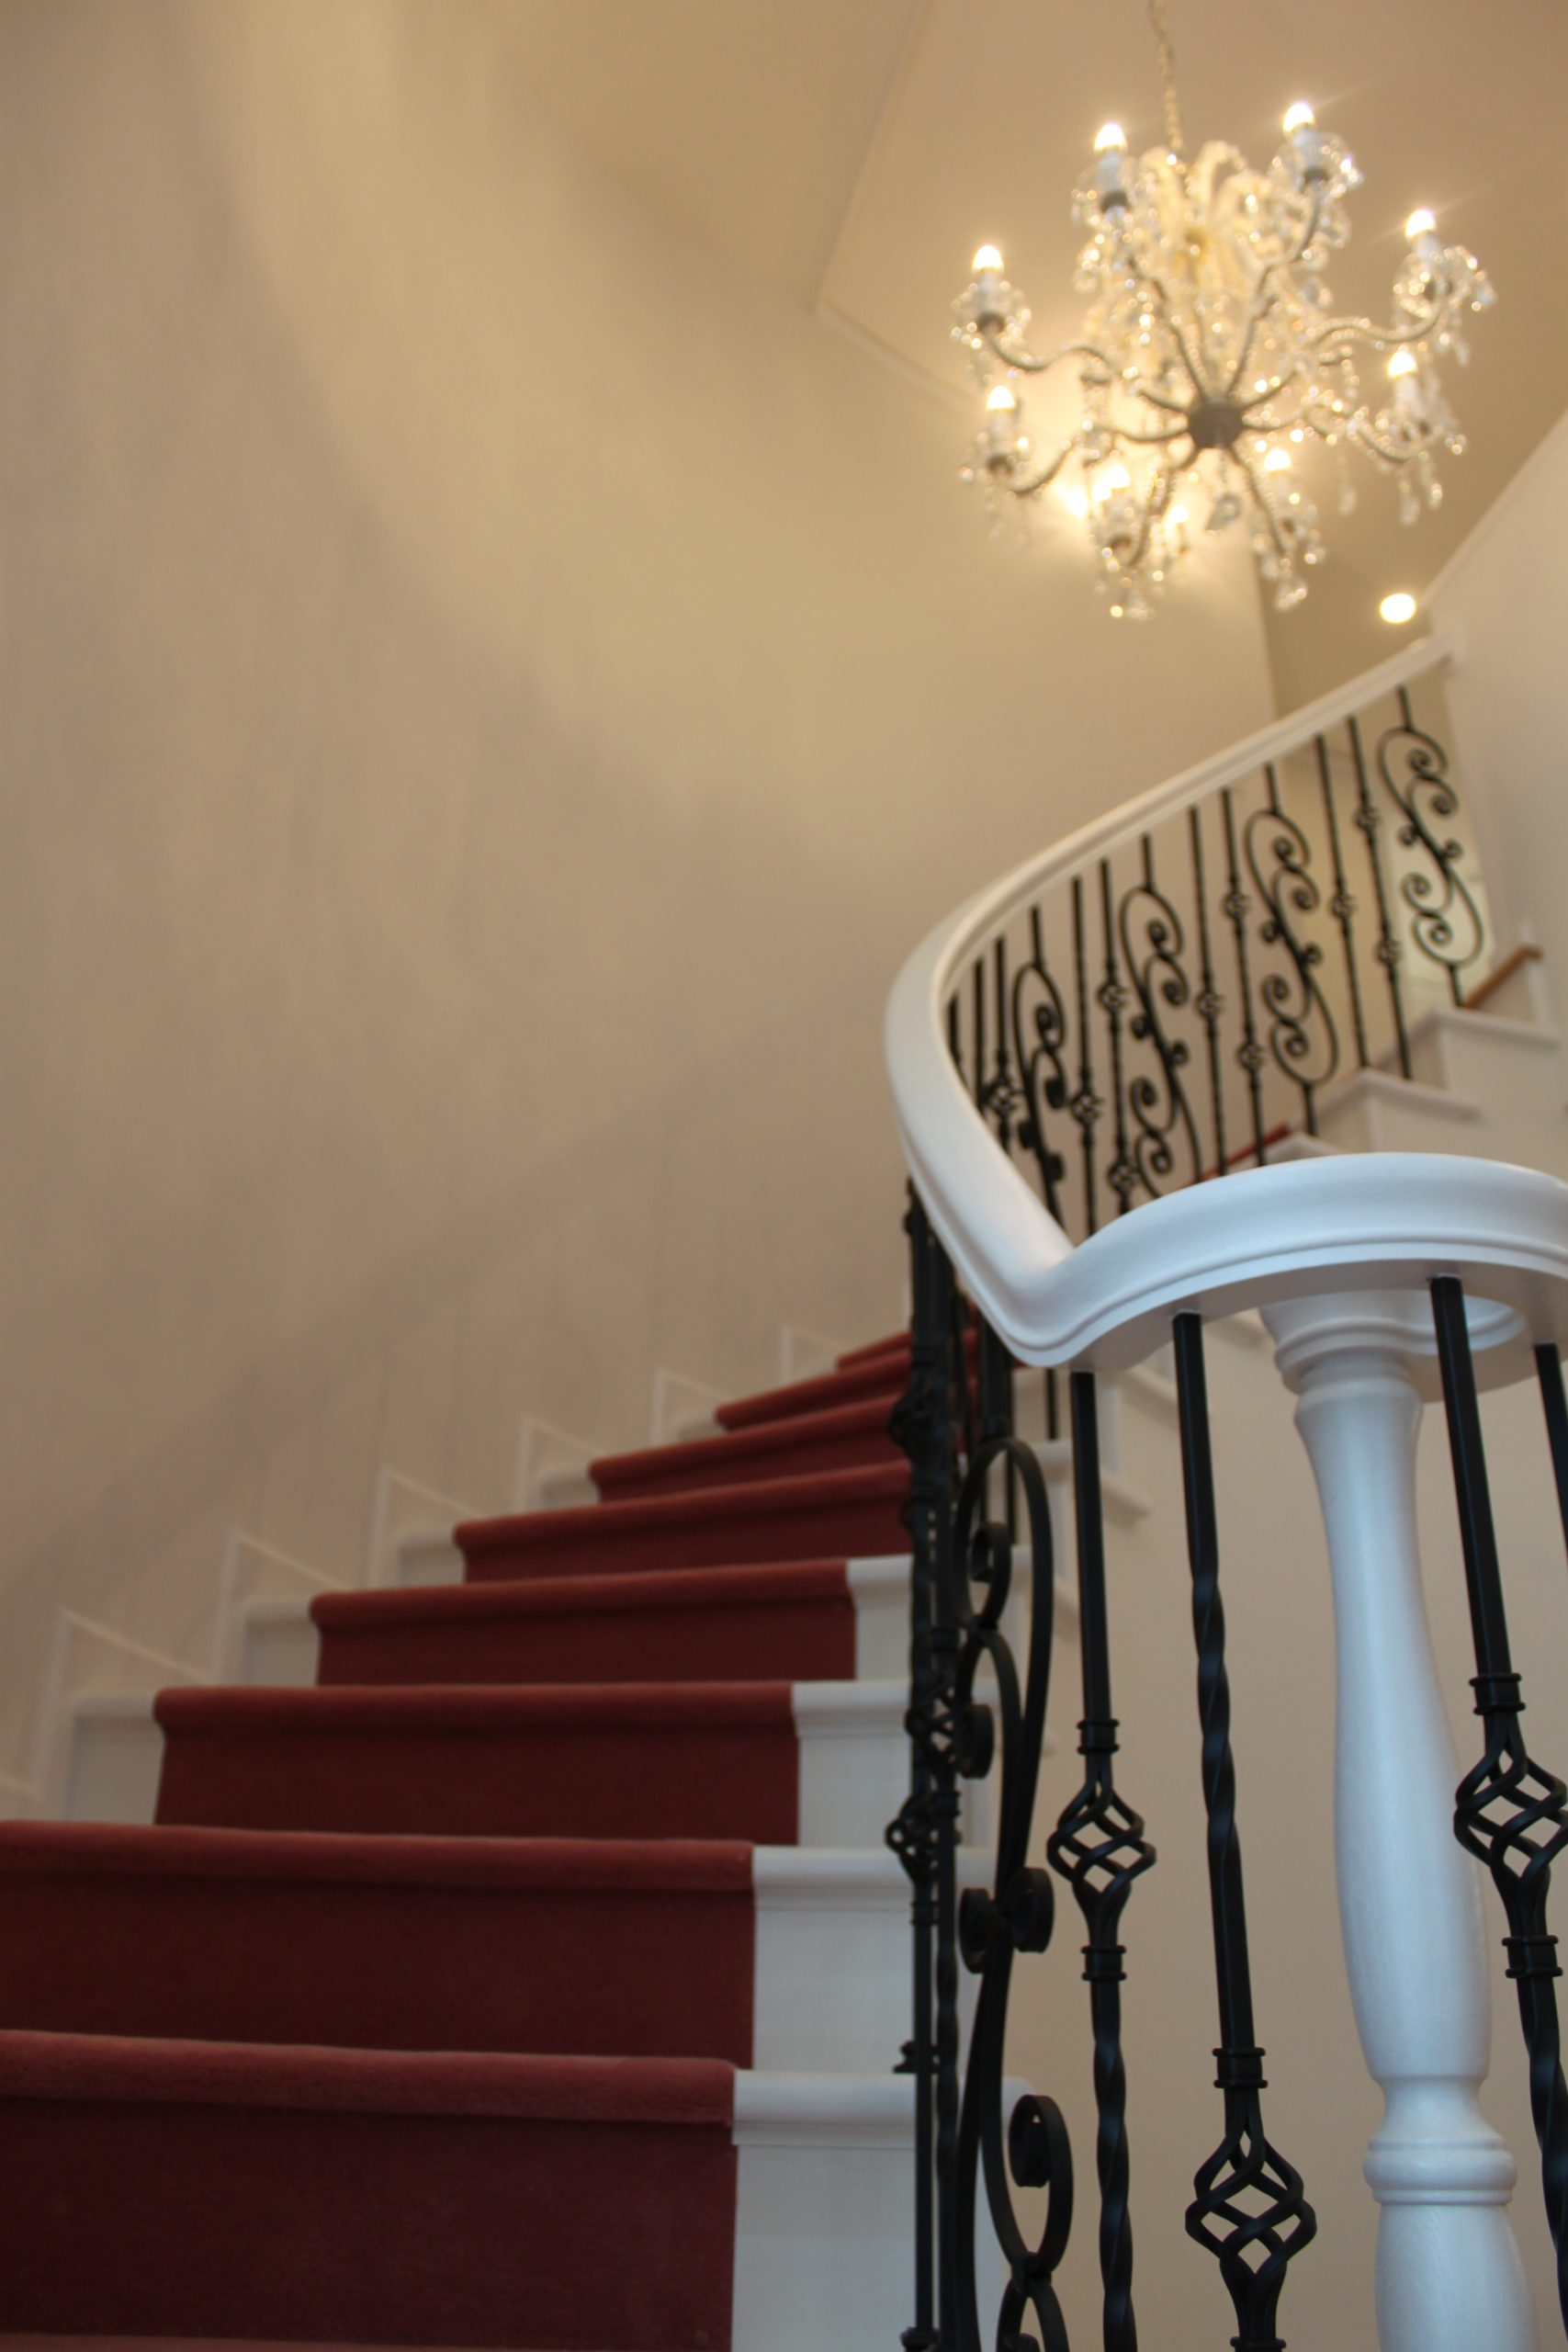 階段はピンク色のカーペット敷きに。階段と手摺レールをエレガントな白色に塗装。